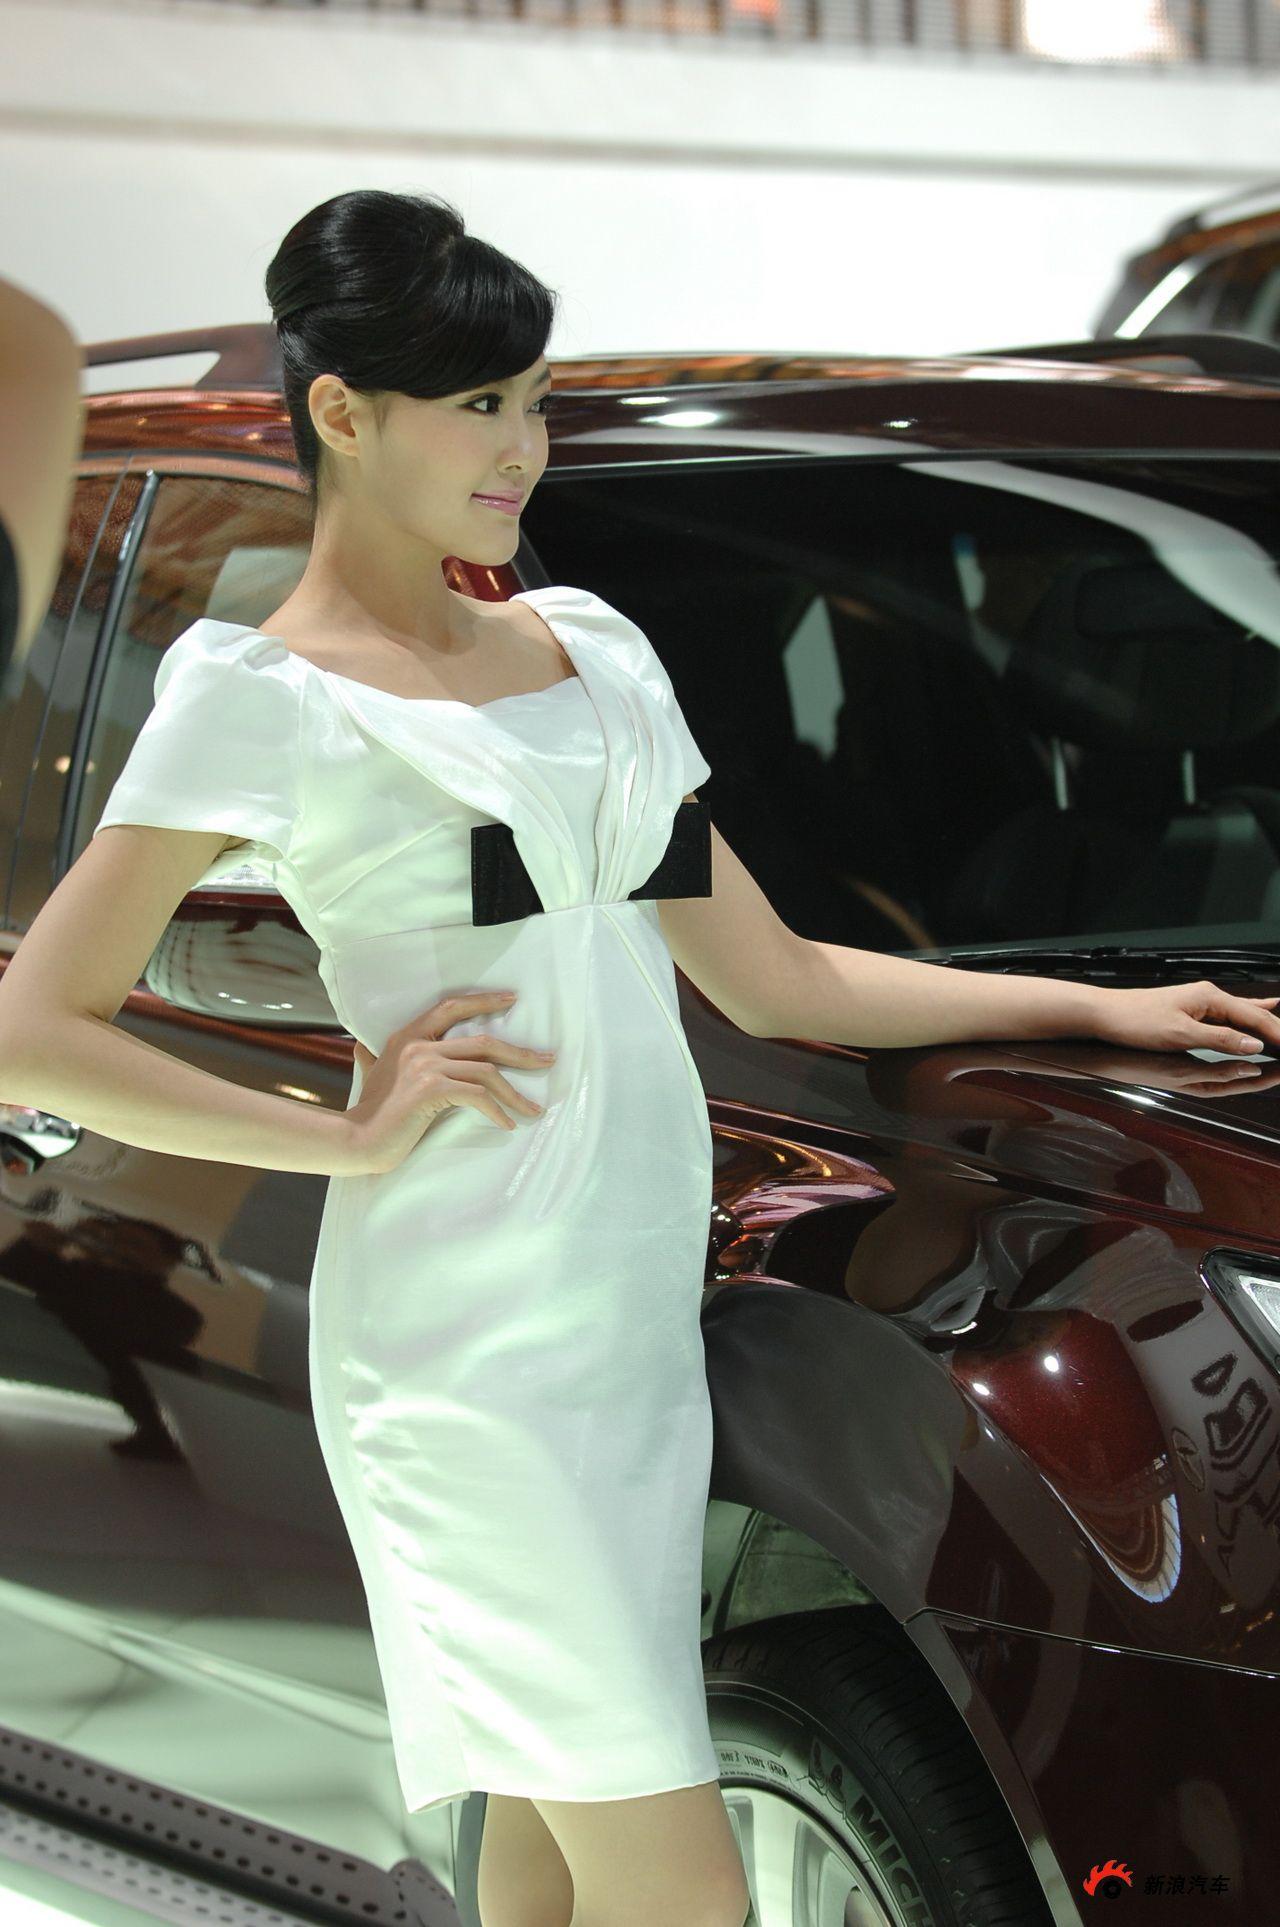 讴歌展台1号模特